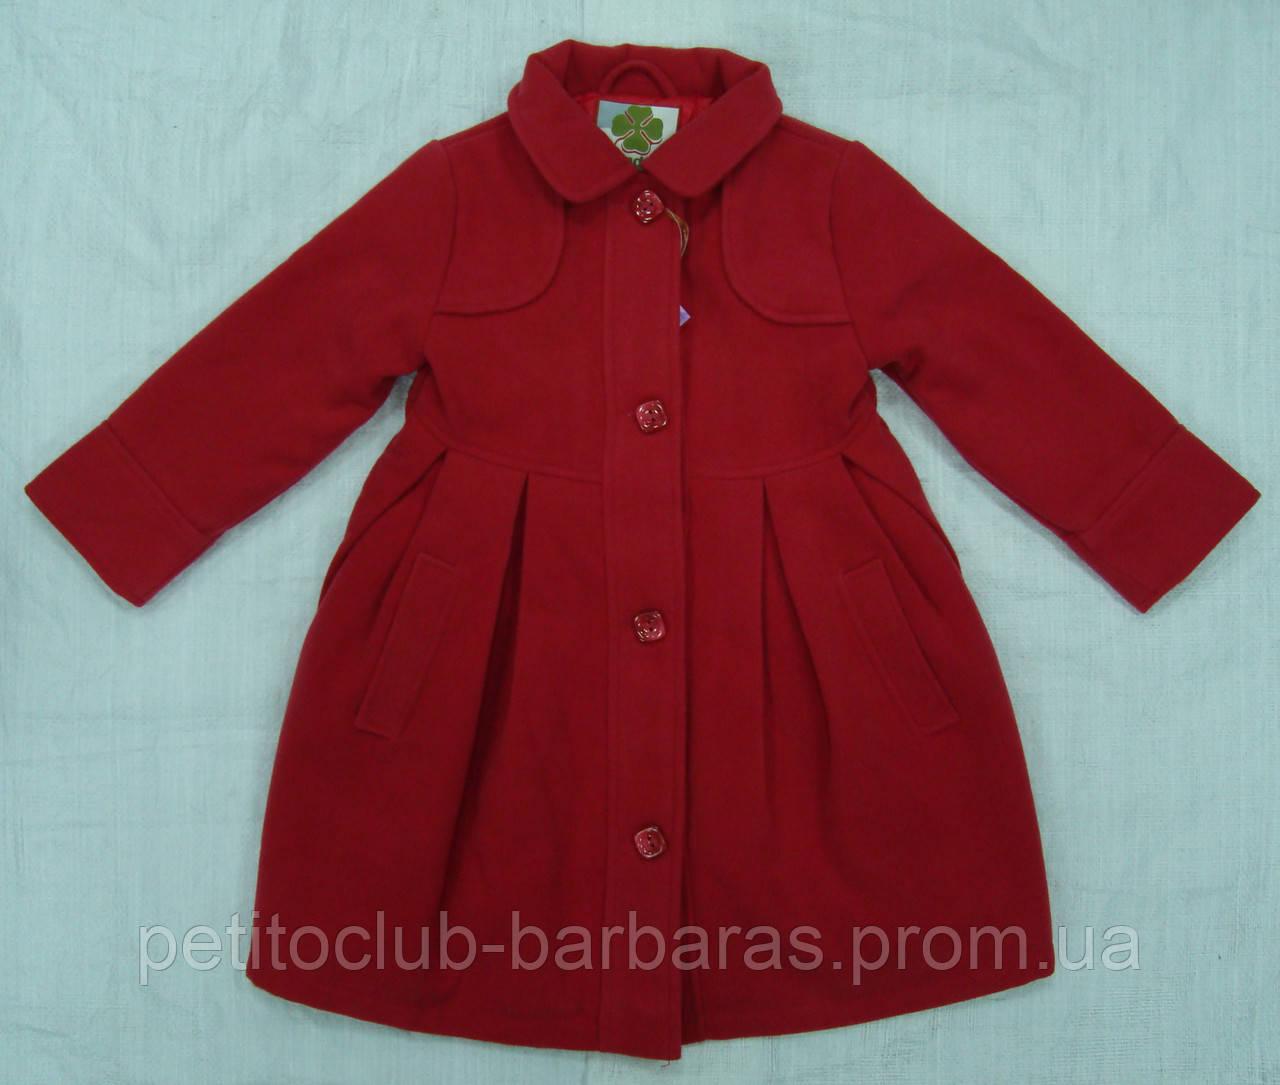 Пальто для девочки розовое (QuadriFoglio, Польша)